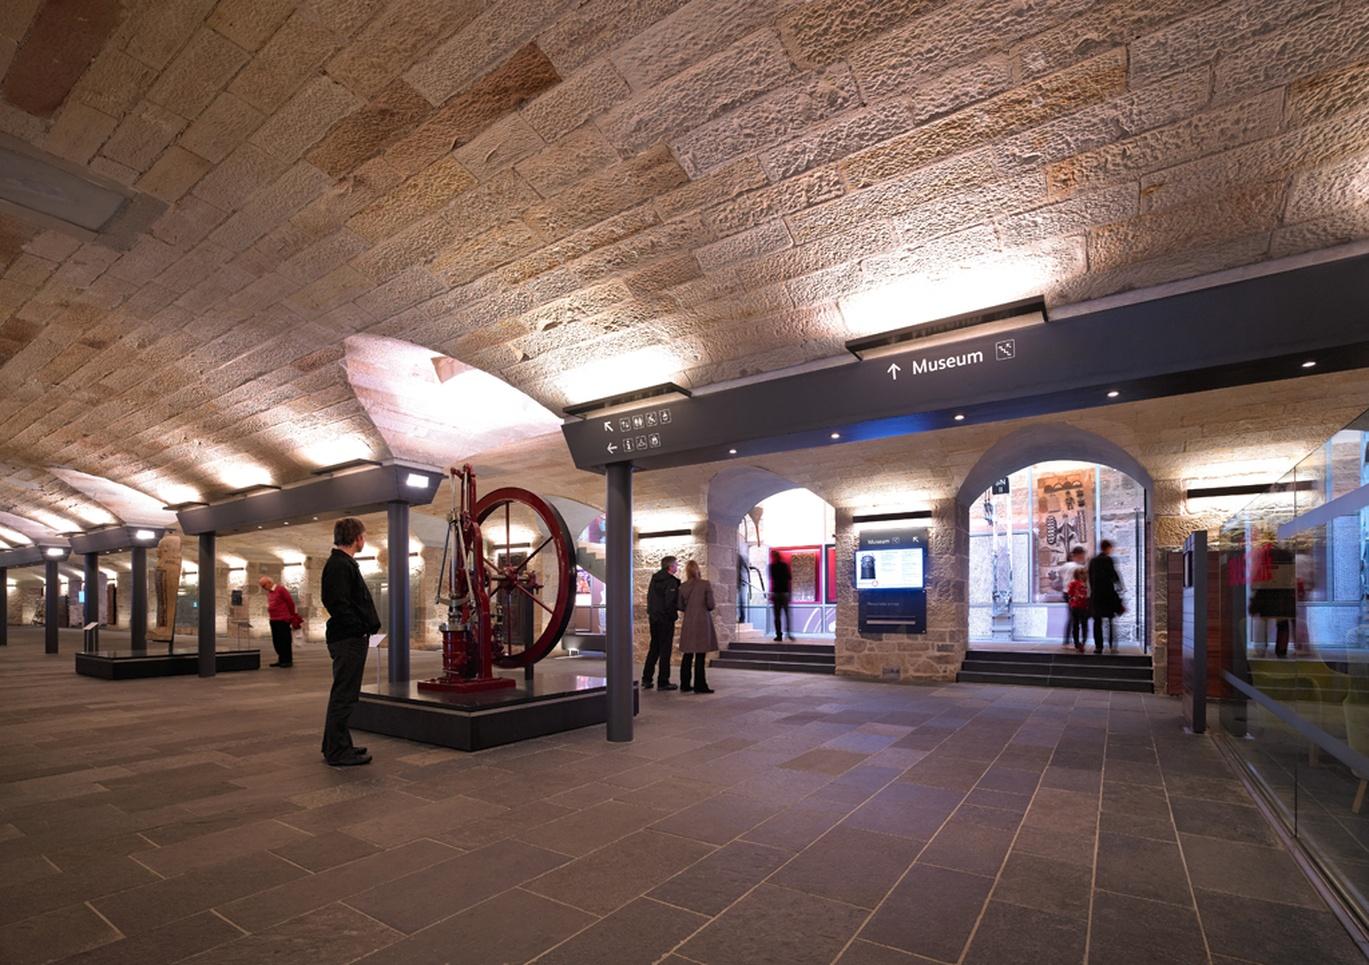 The national museum of scotland graphis for Interior design agency edinburgh